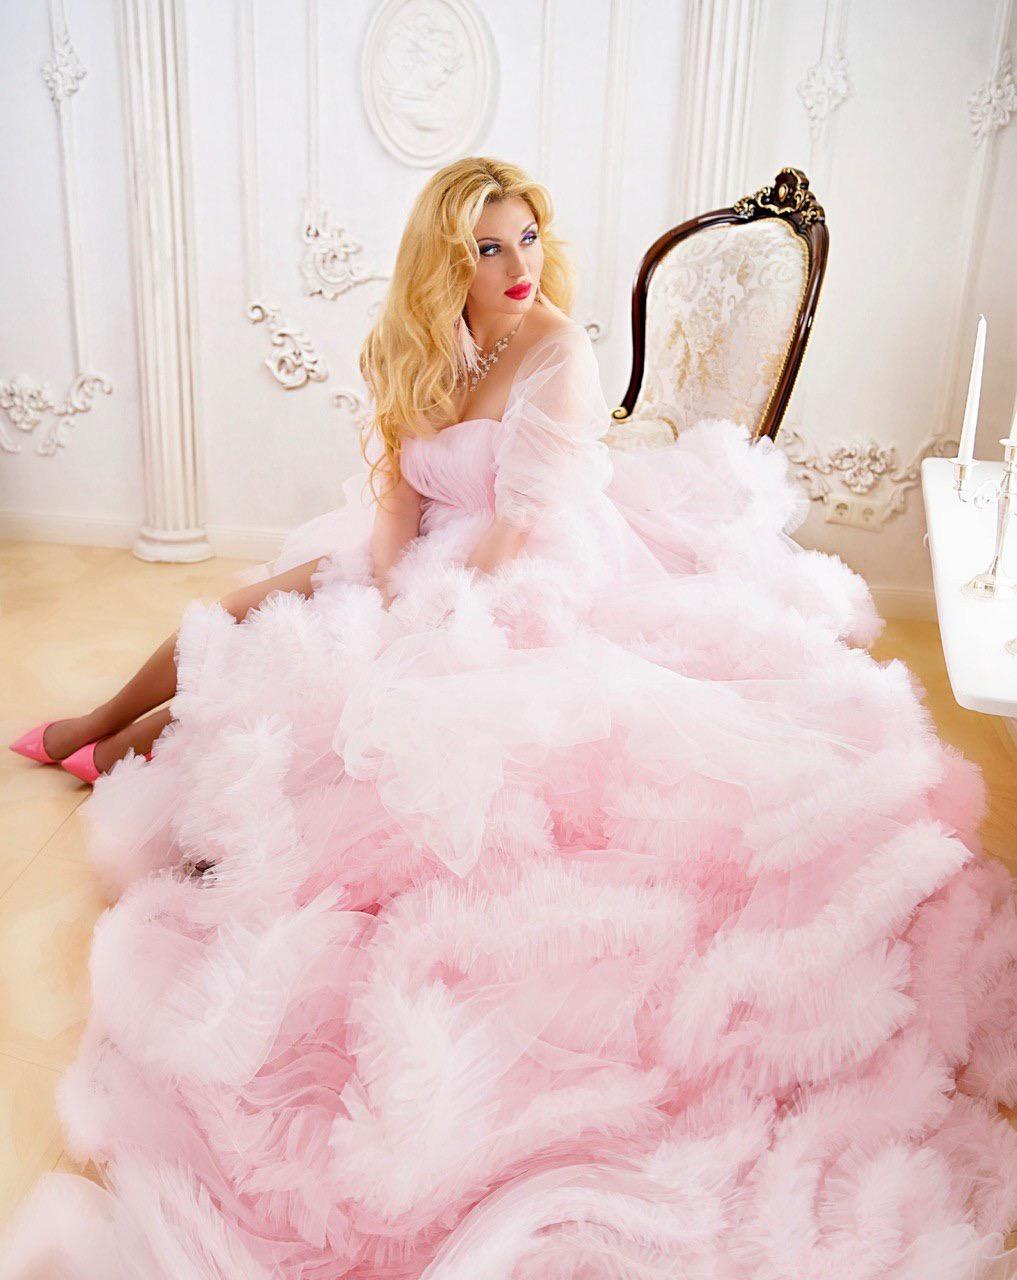 розовое платье облако